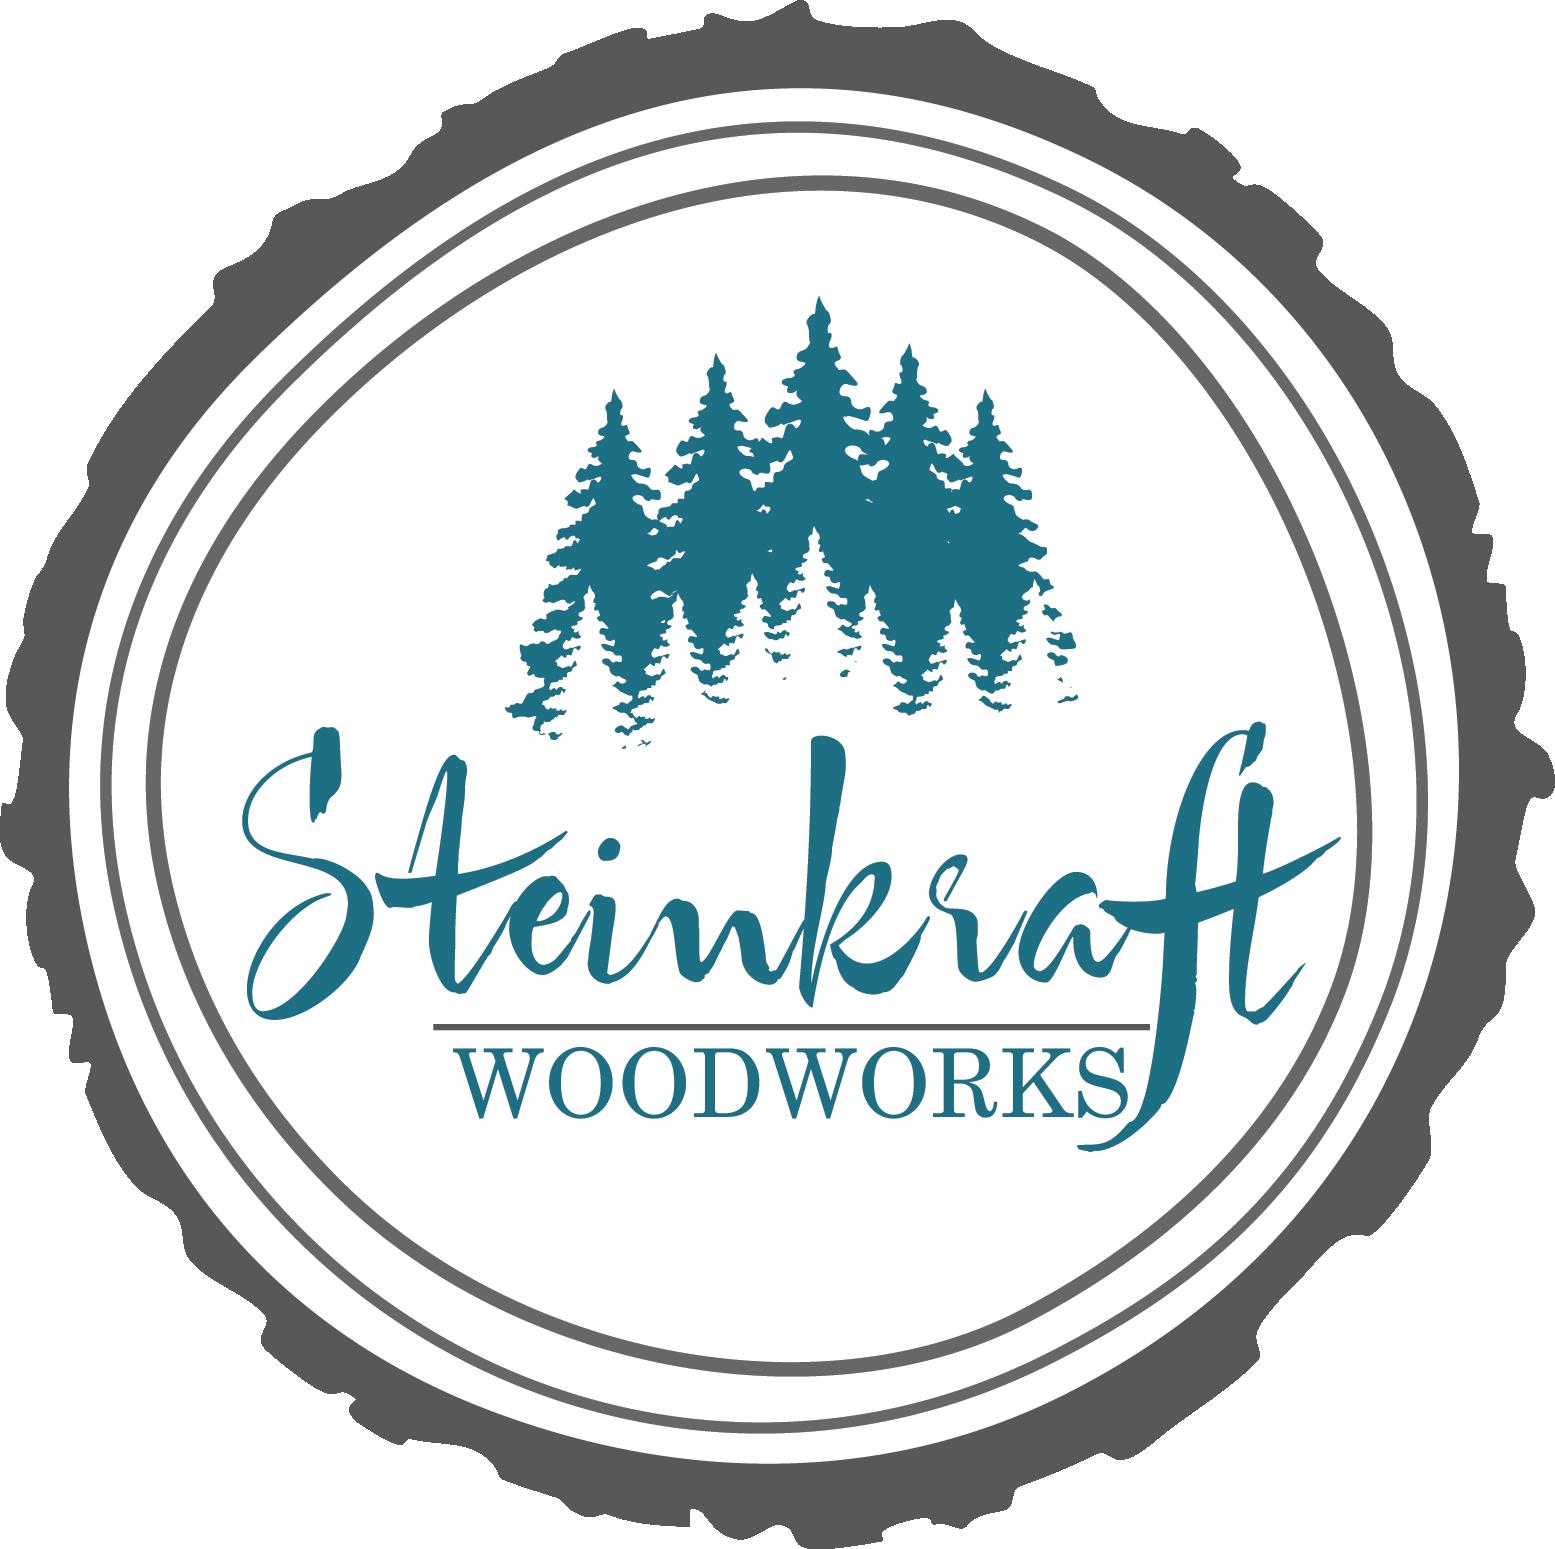 Steinkraft Woodworks